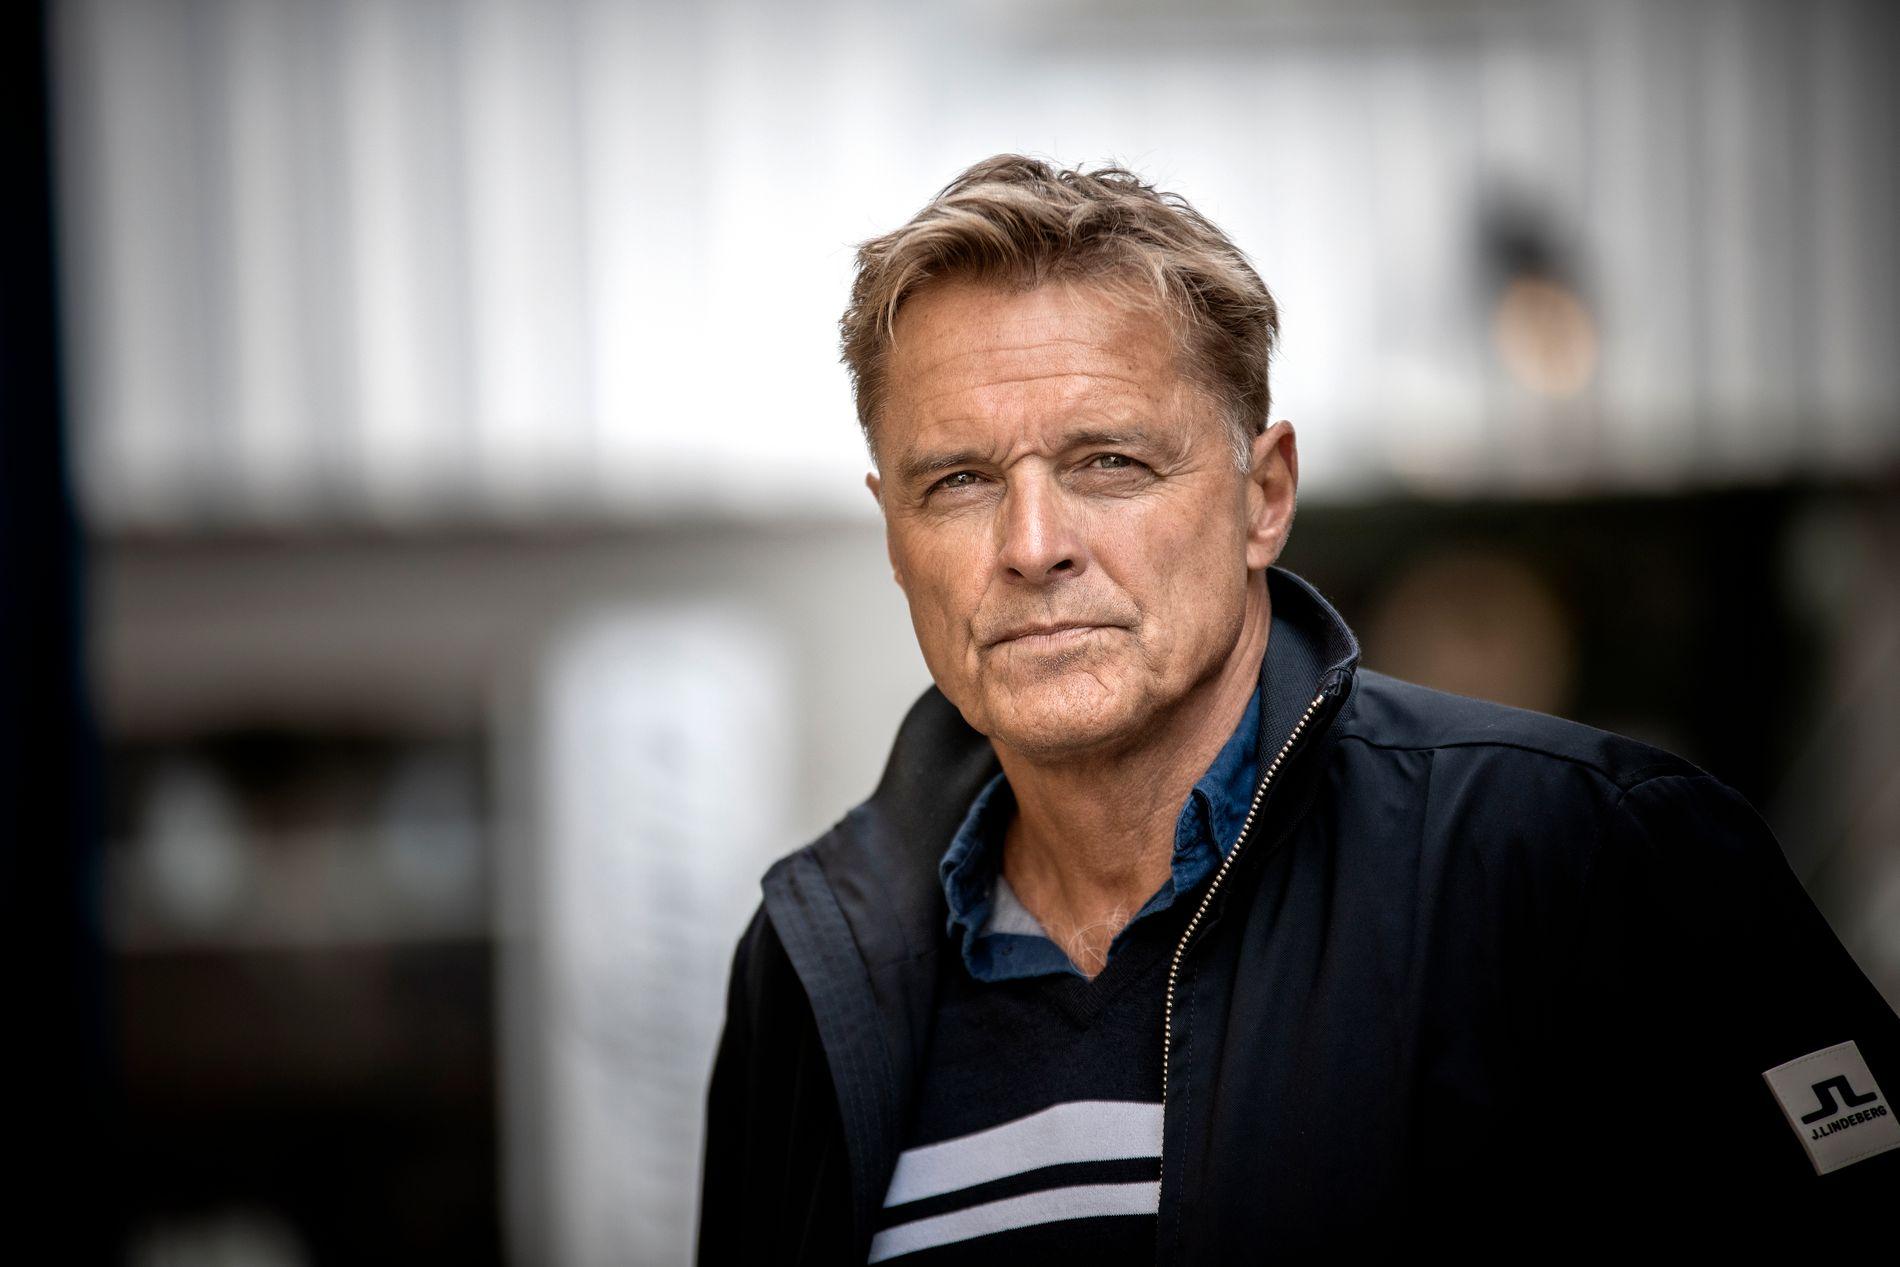 TRYGG: Dag Otto Lauritzen har roligere dager hjemme i Grimstad enn han hadde på den 19. etappen av Tour de France fredag.